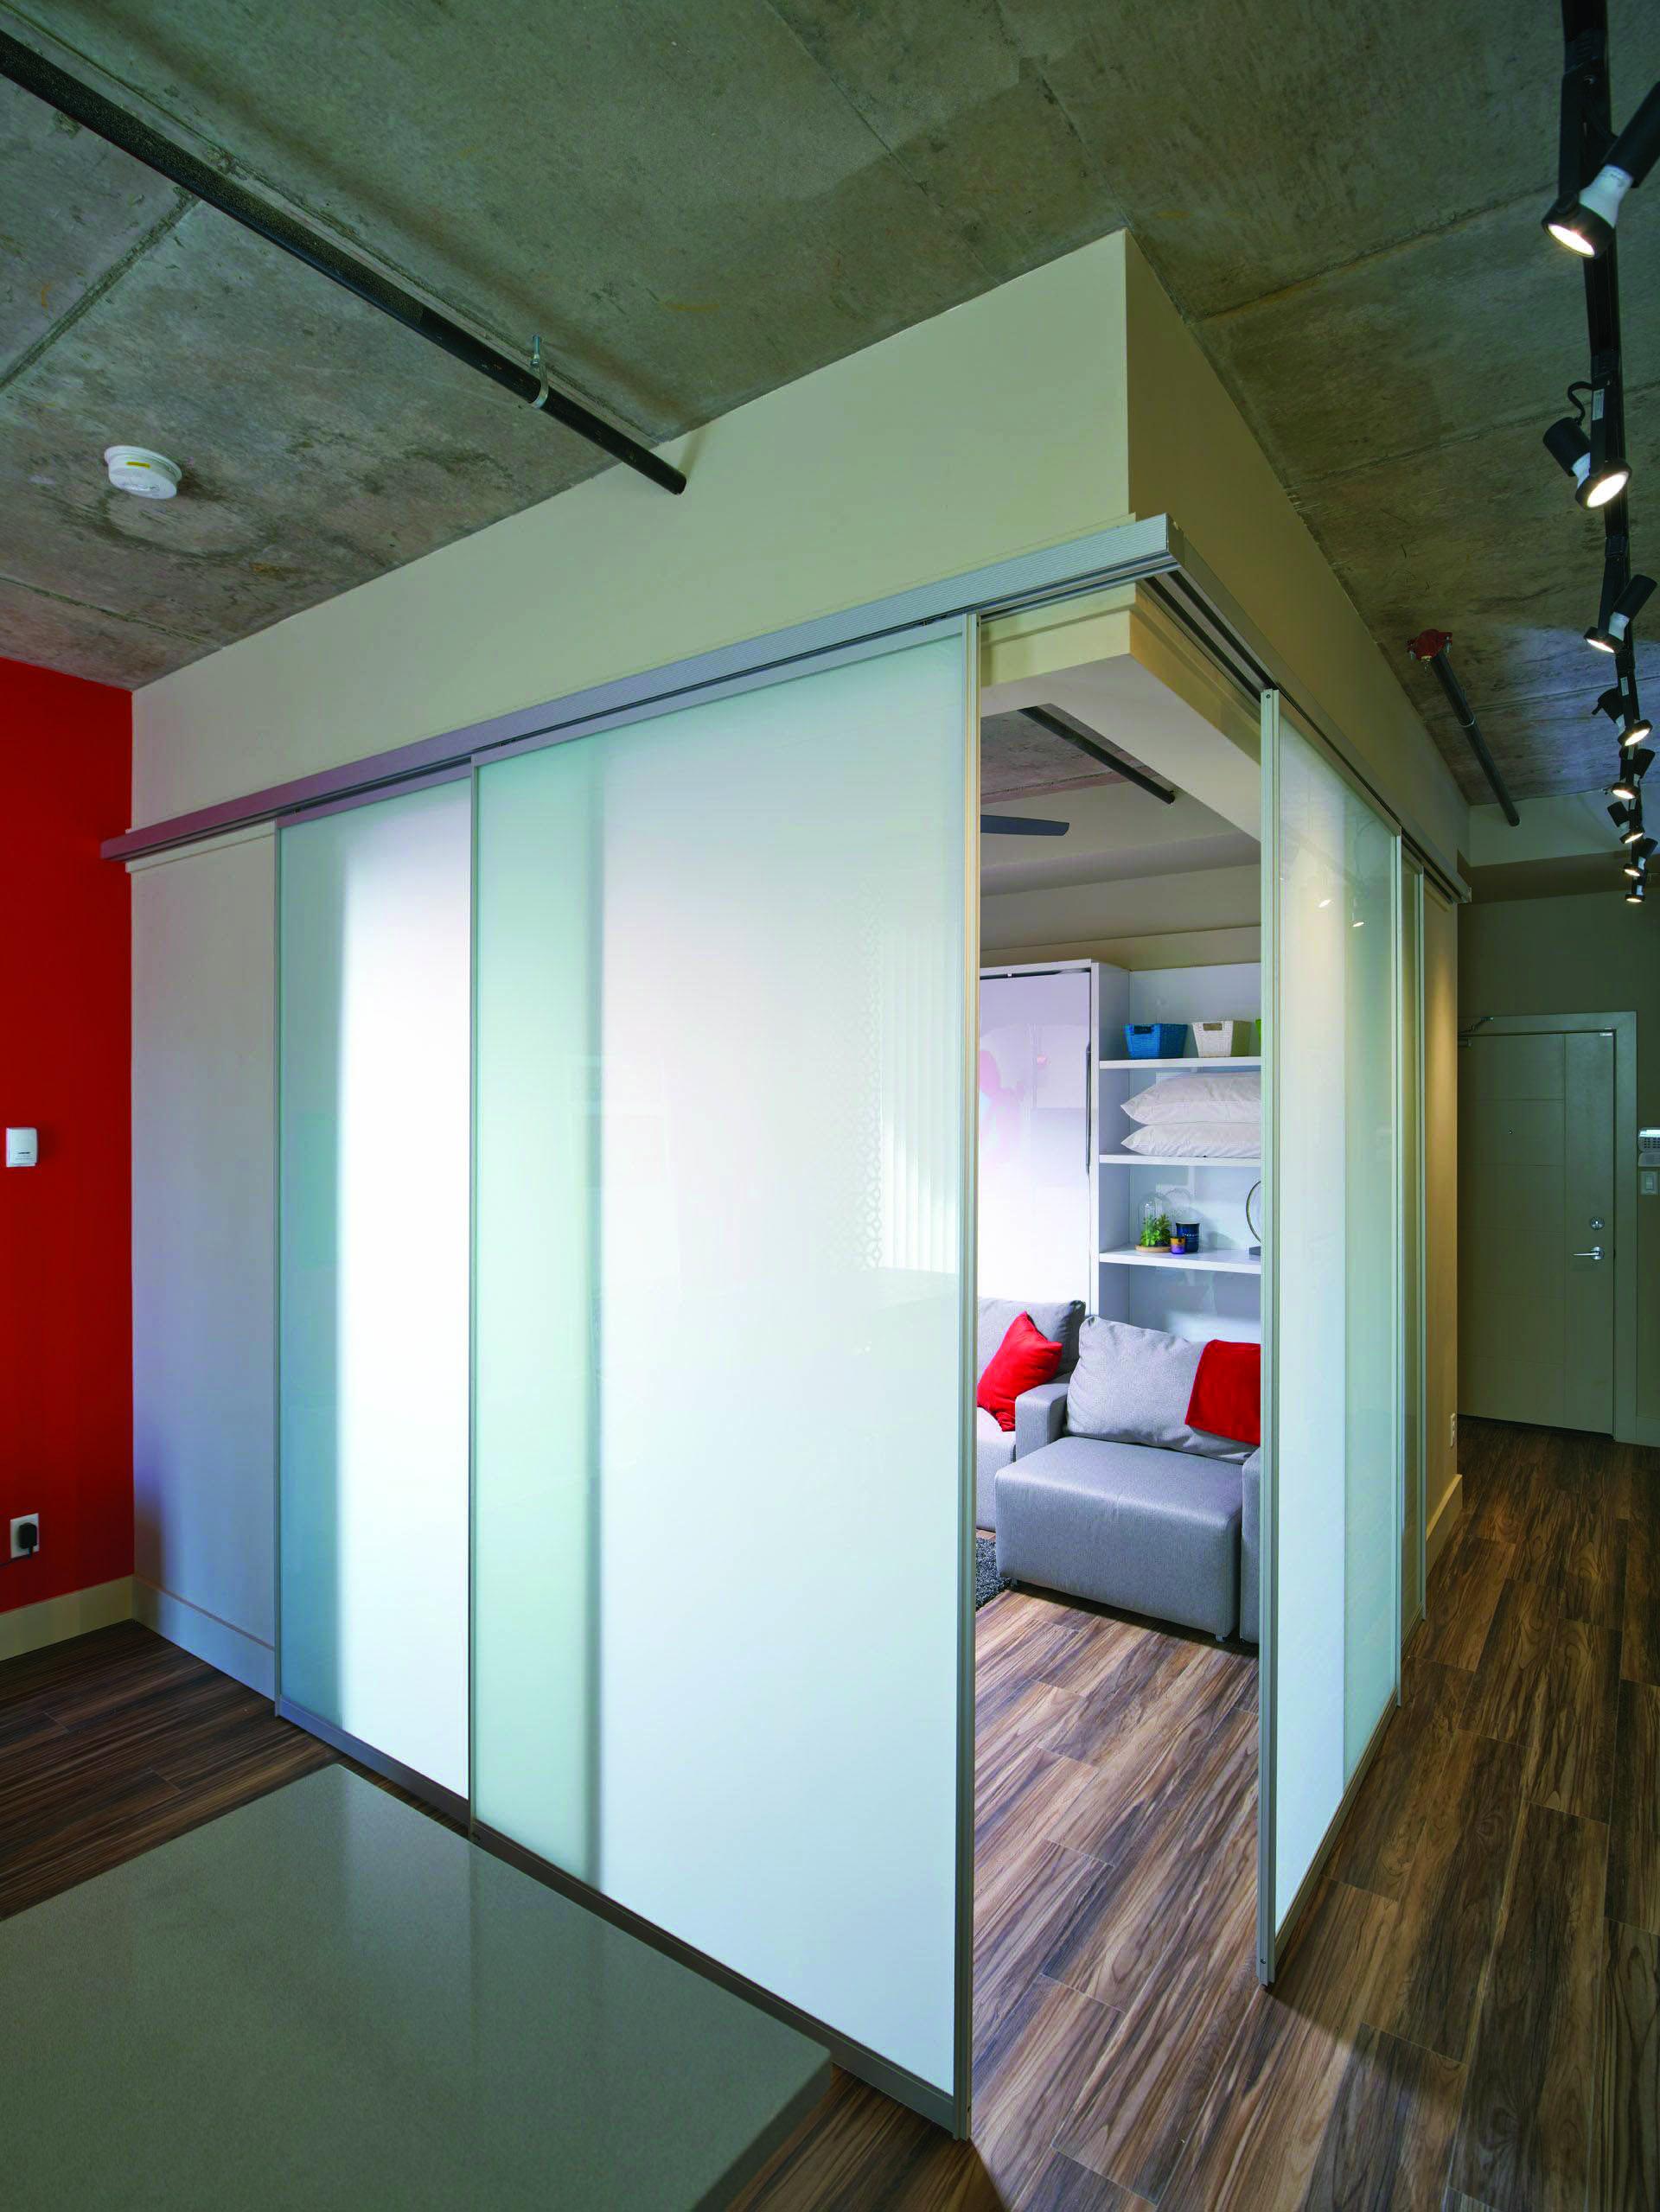 Moving Door Styles For Bedroom Sliding Glass Door Room Divider